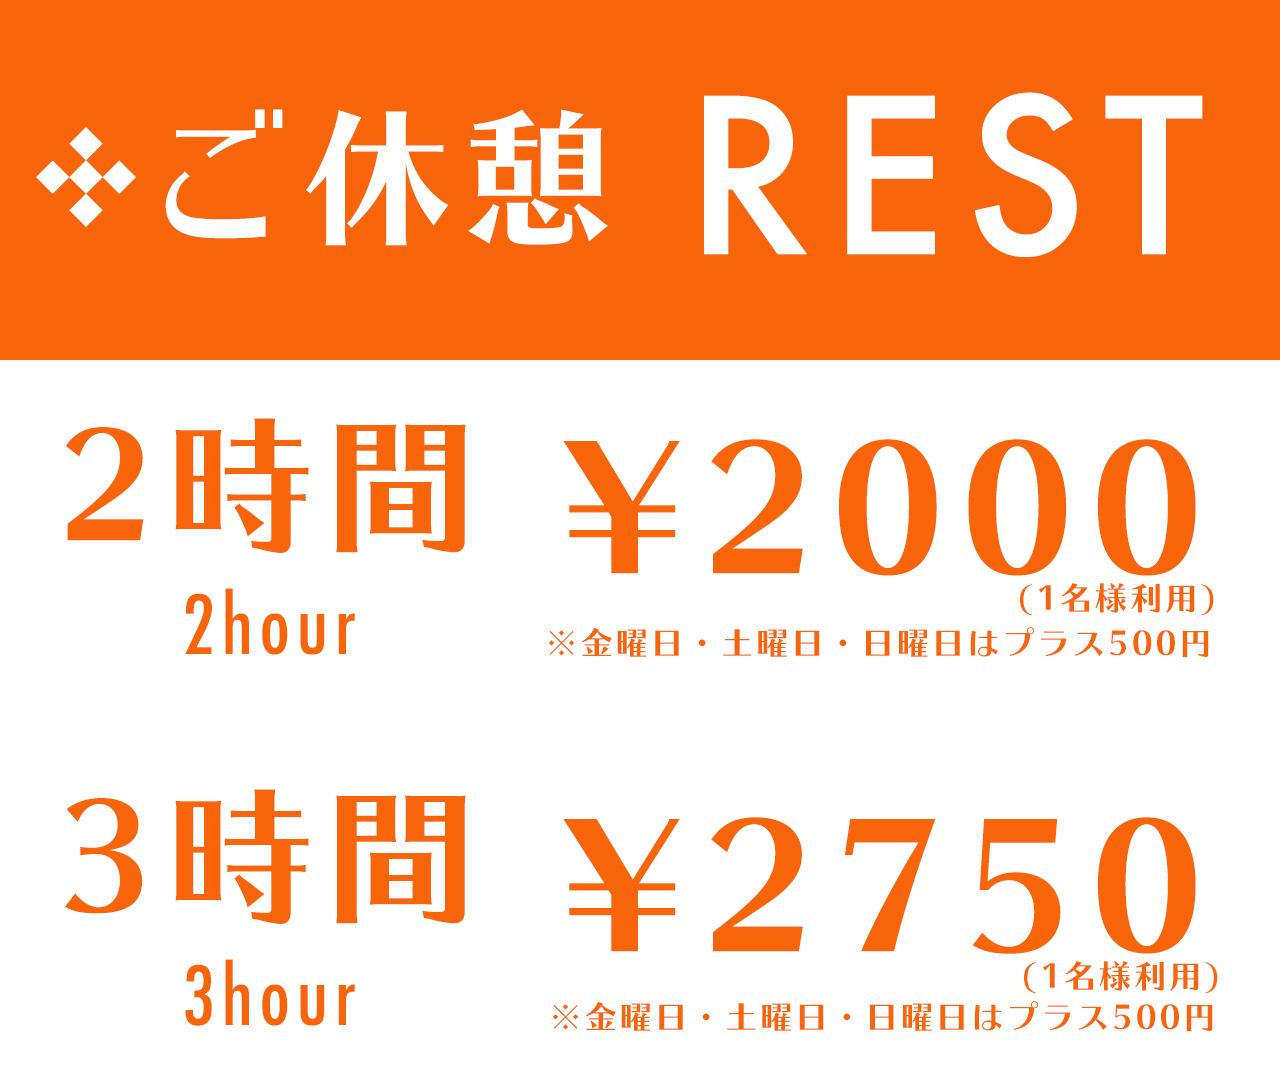 上野ラブホテル ビジネスホテルエレガント料金表。2時間2000円,金曜日、土曜日、日曜日プラス500円